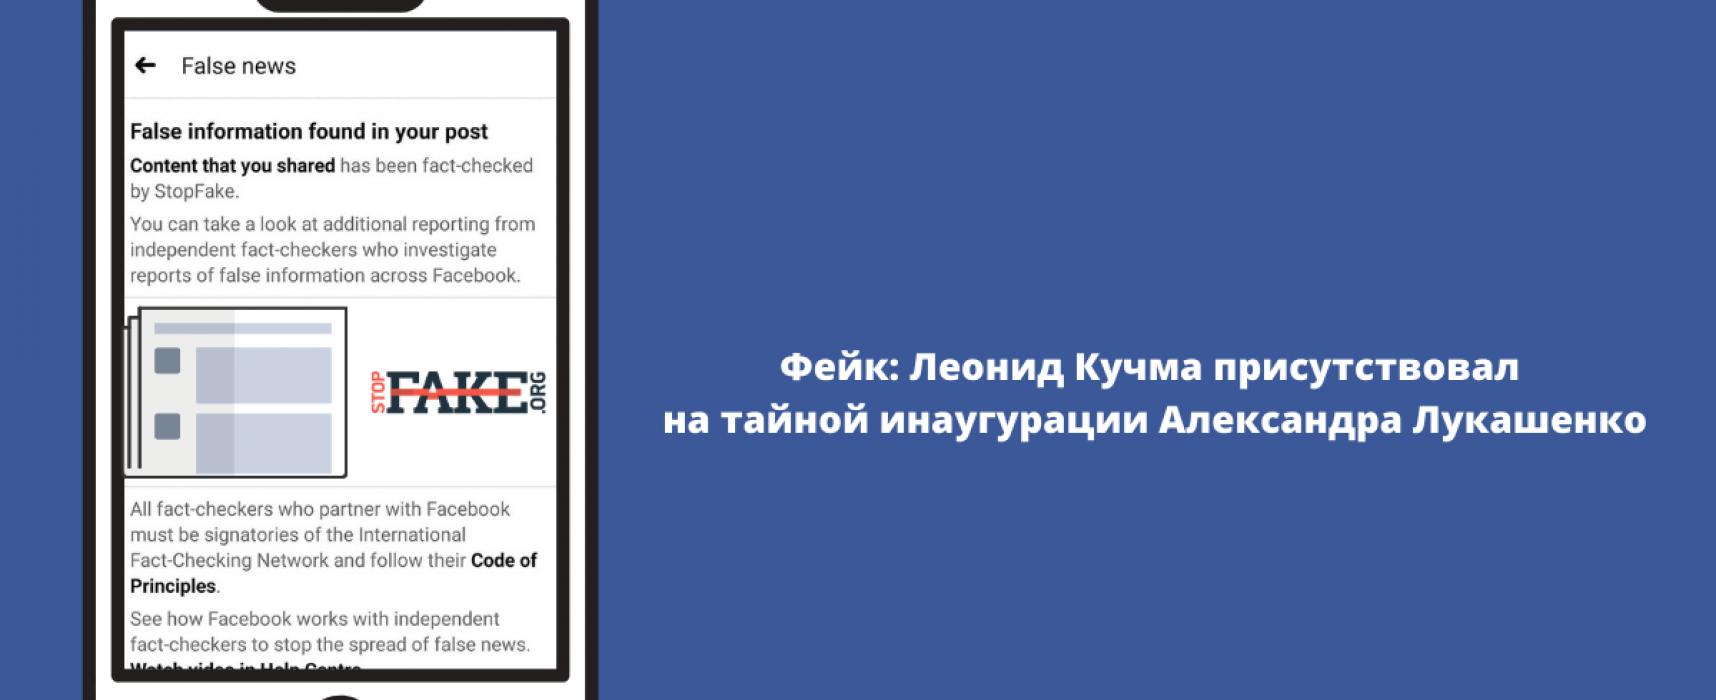 Фейк: Леонід Кучма був присутнім на таємній інавгурації Олександра Лукашенка